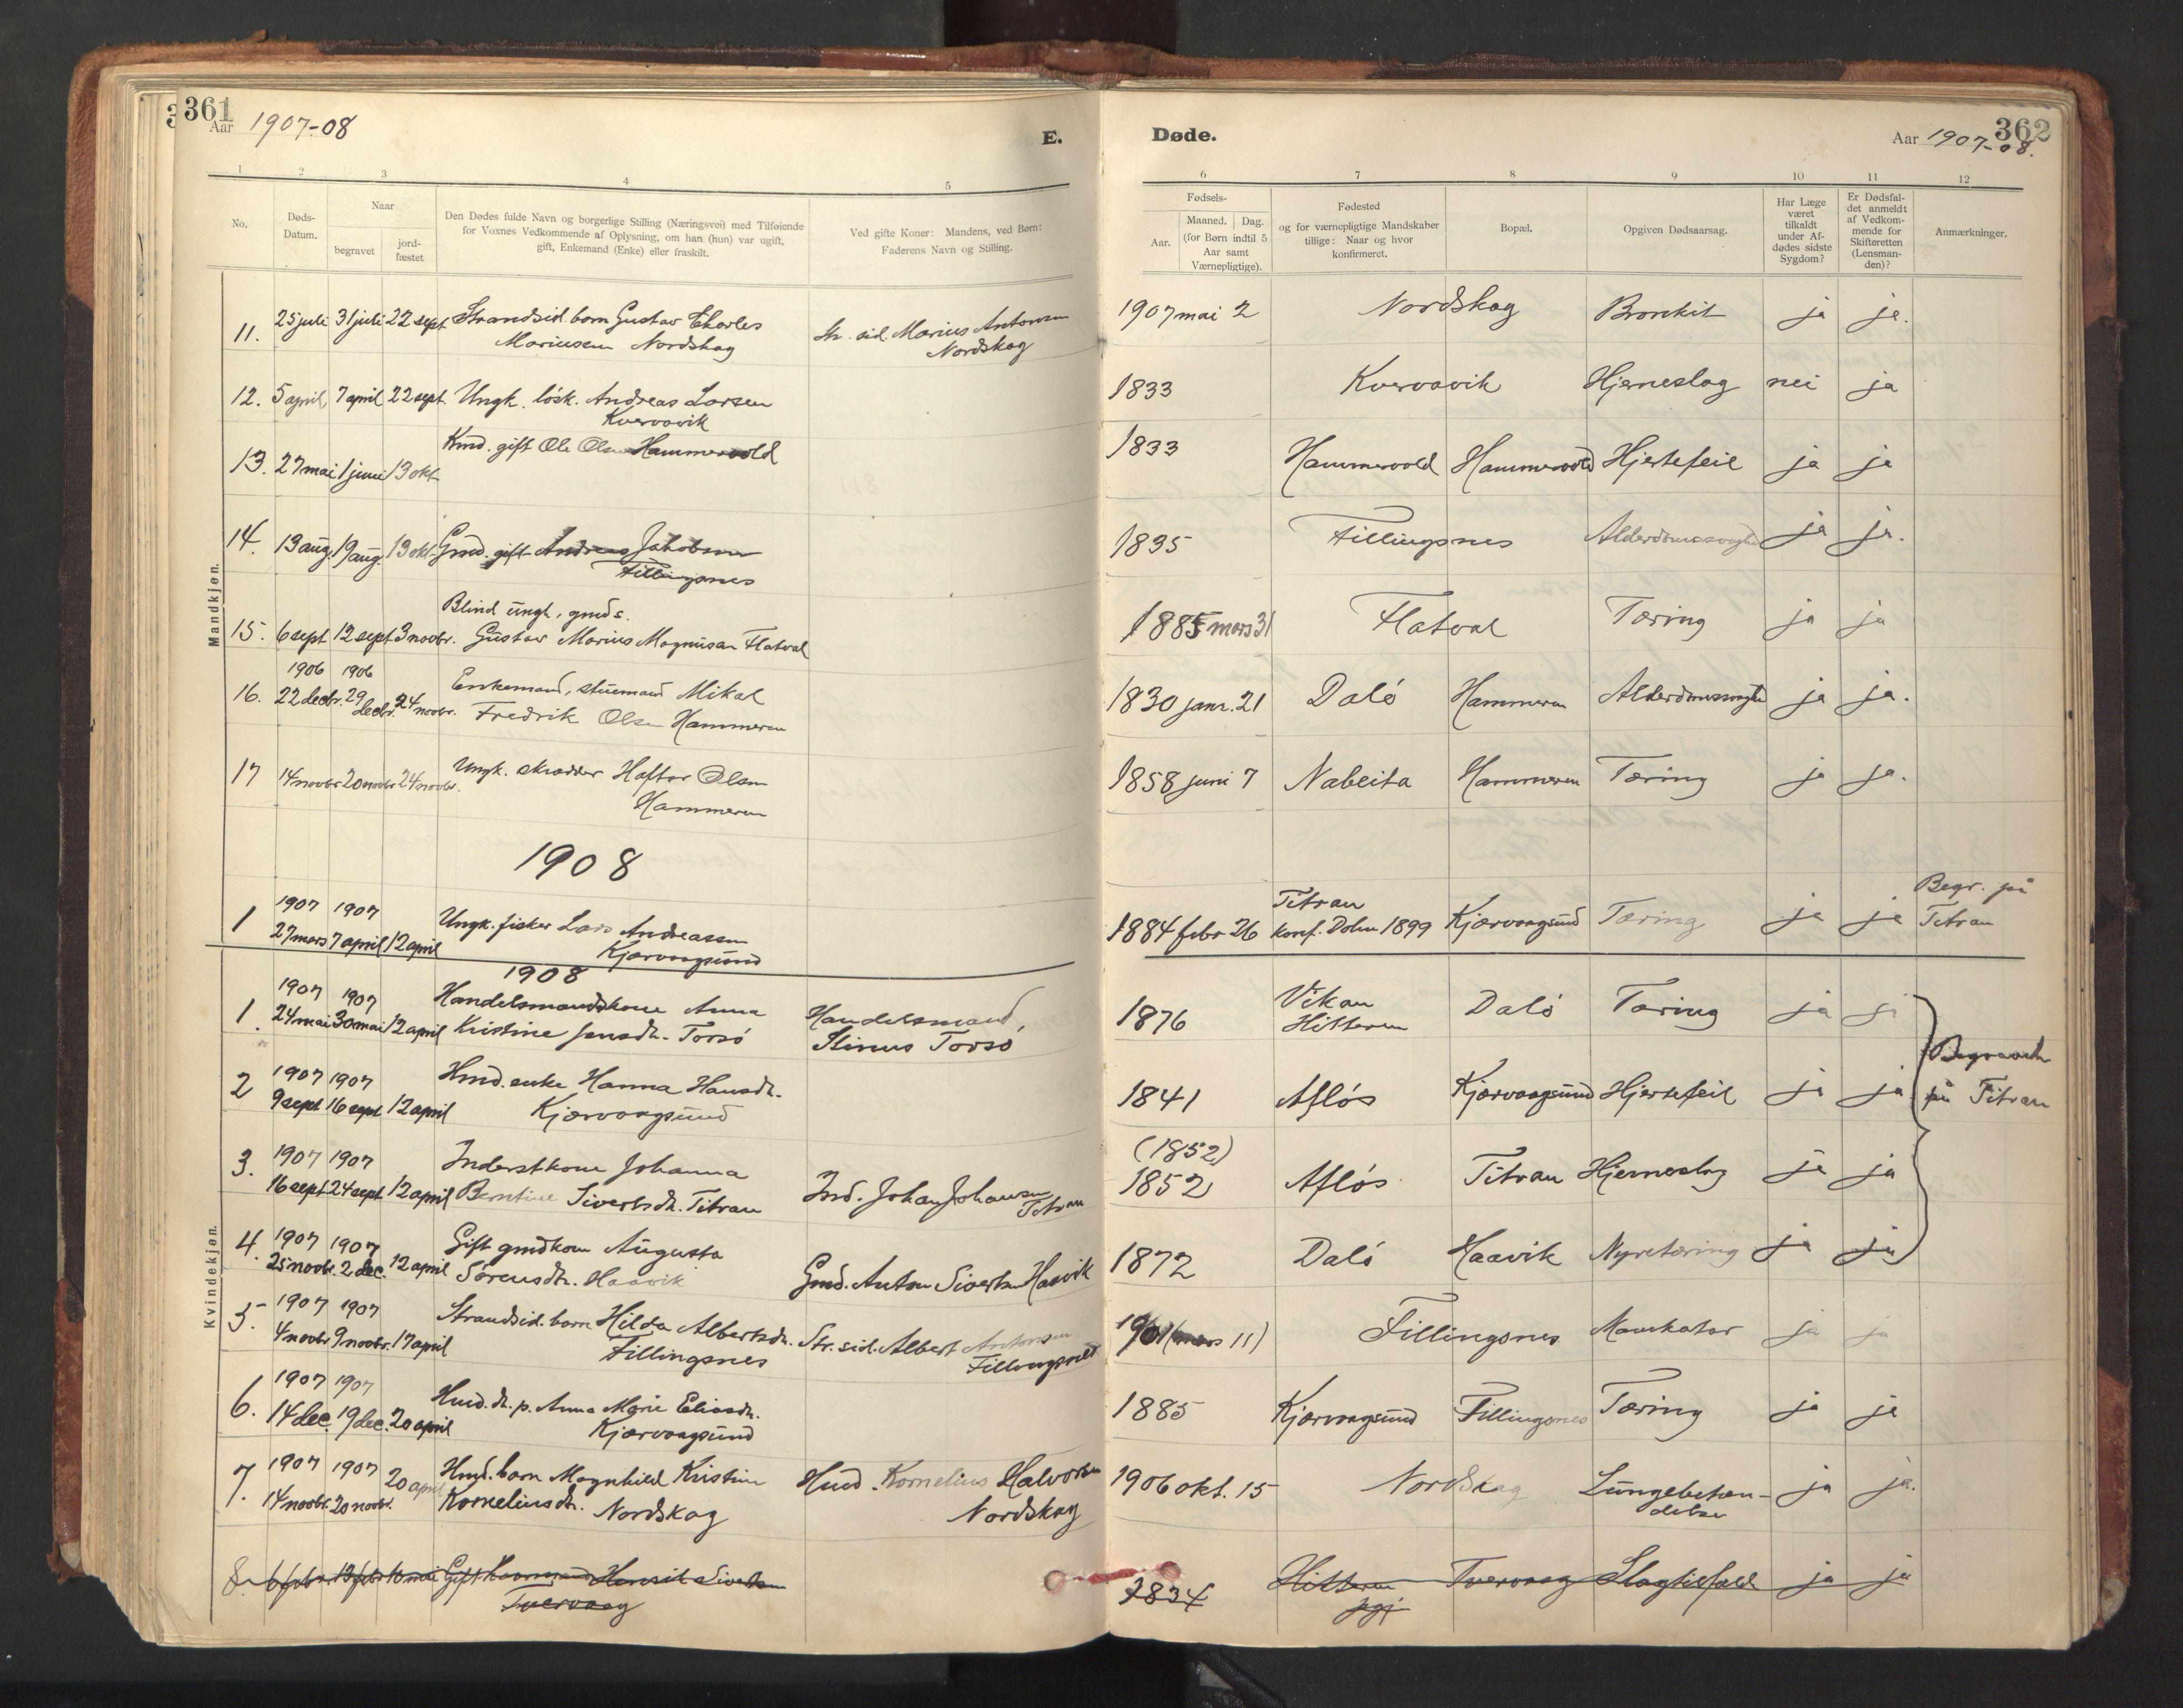 SAT, Ministerialprotokoller, klokkerbøker og fødselsregistre - Sør-Trøndelag, 641/L0596: Ministerialbok nr. 641A02, 1898-1915, s. 361-362